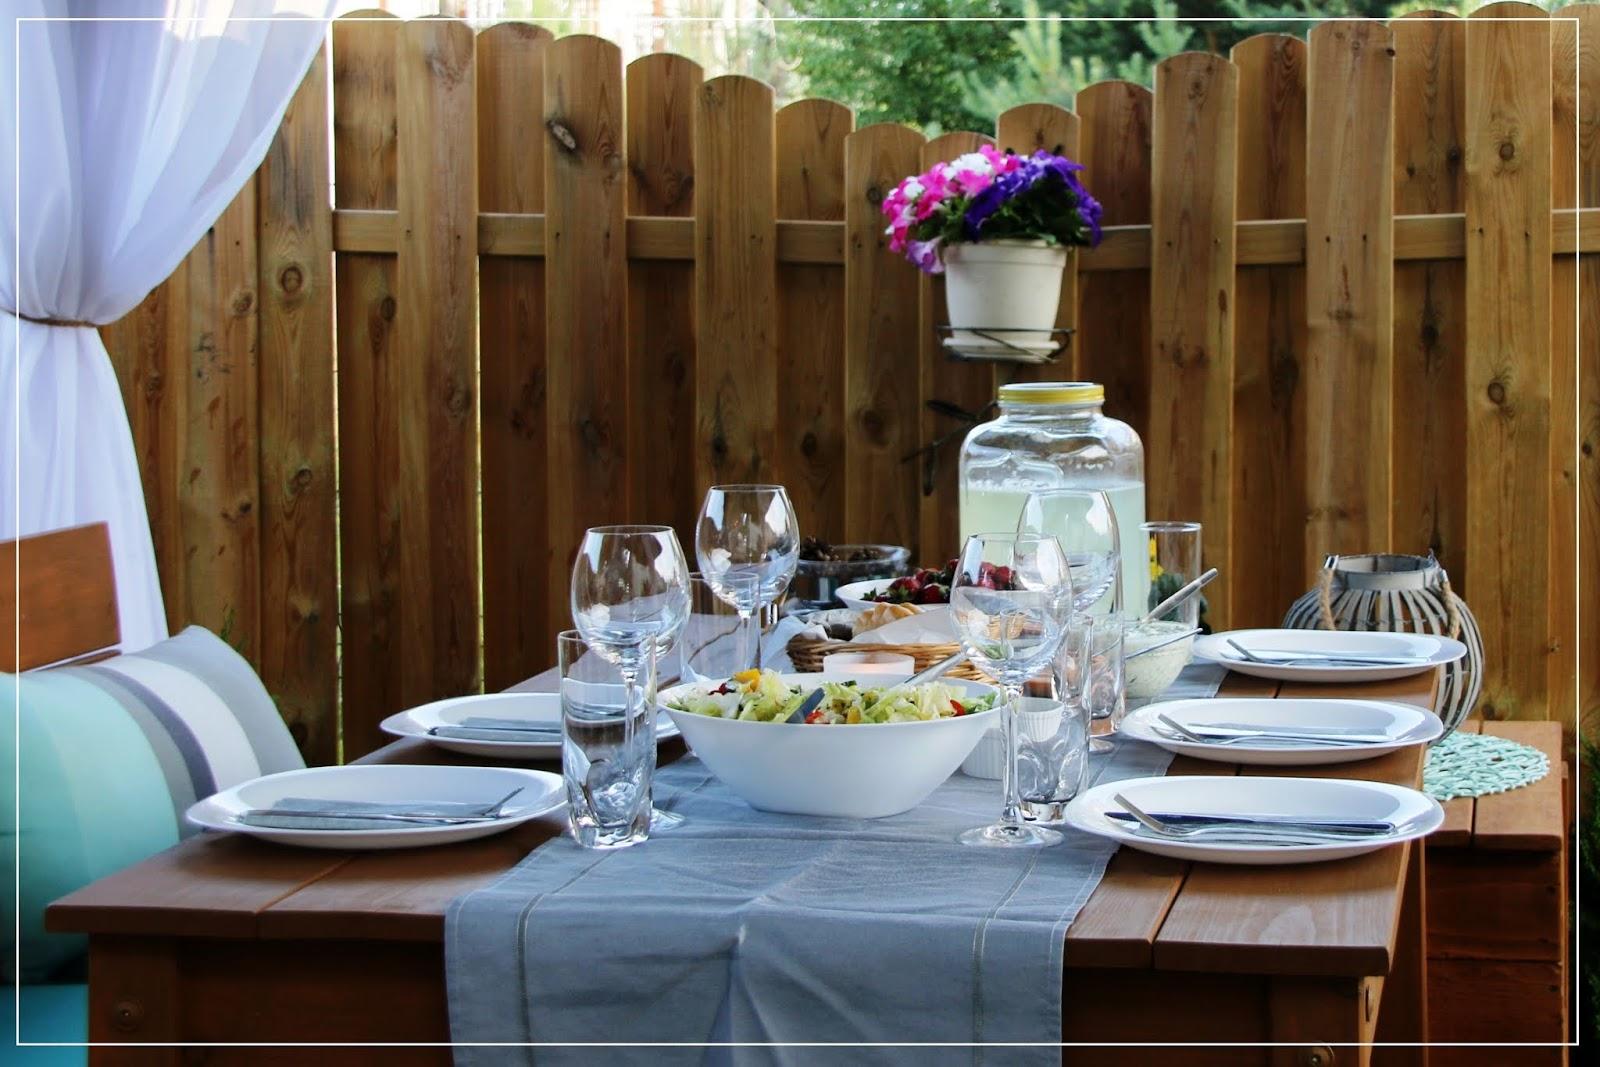 Garden party dla przyjaciół. Proste menu na letnie przyjęcie w ogrodzie oraz przepis na domową lemoniadę. Najlepszą!